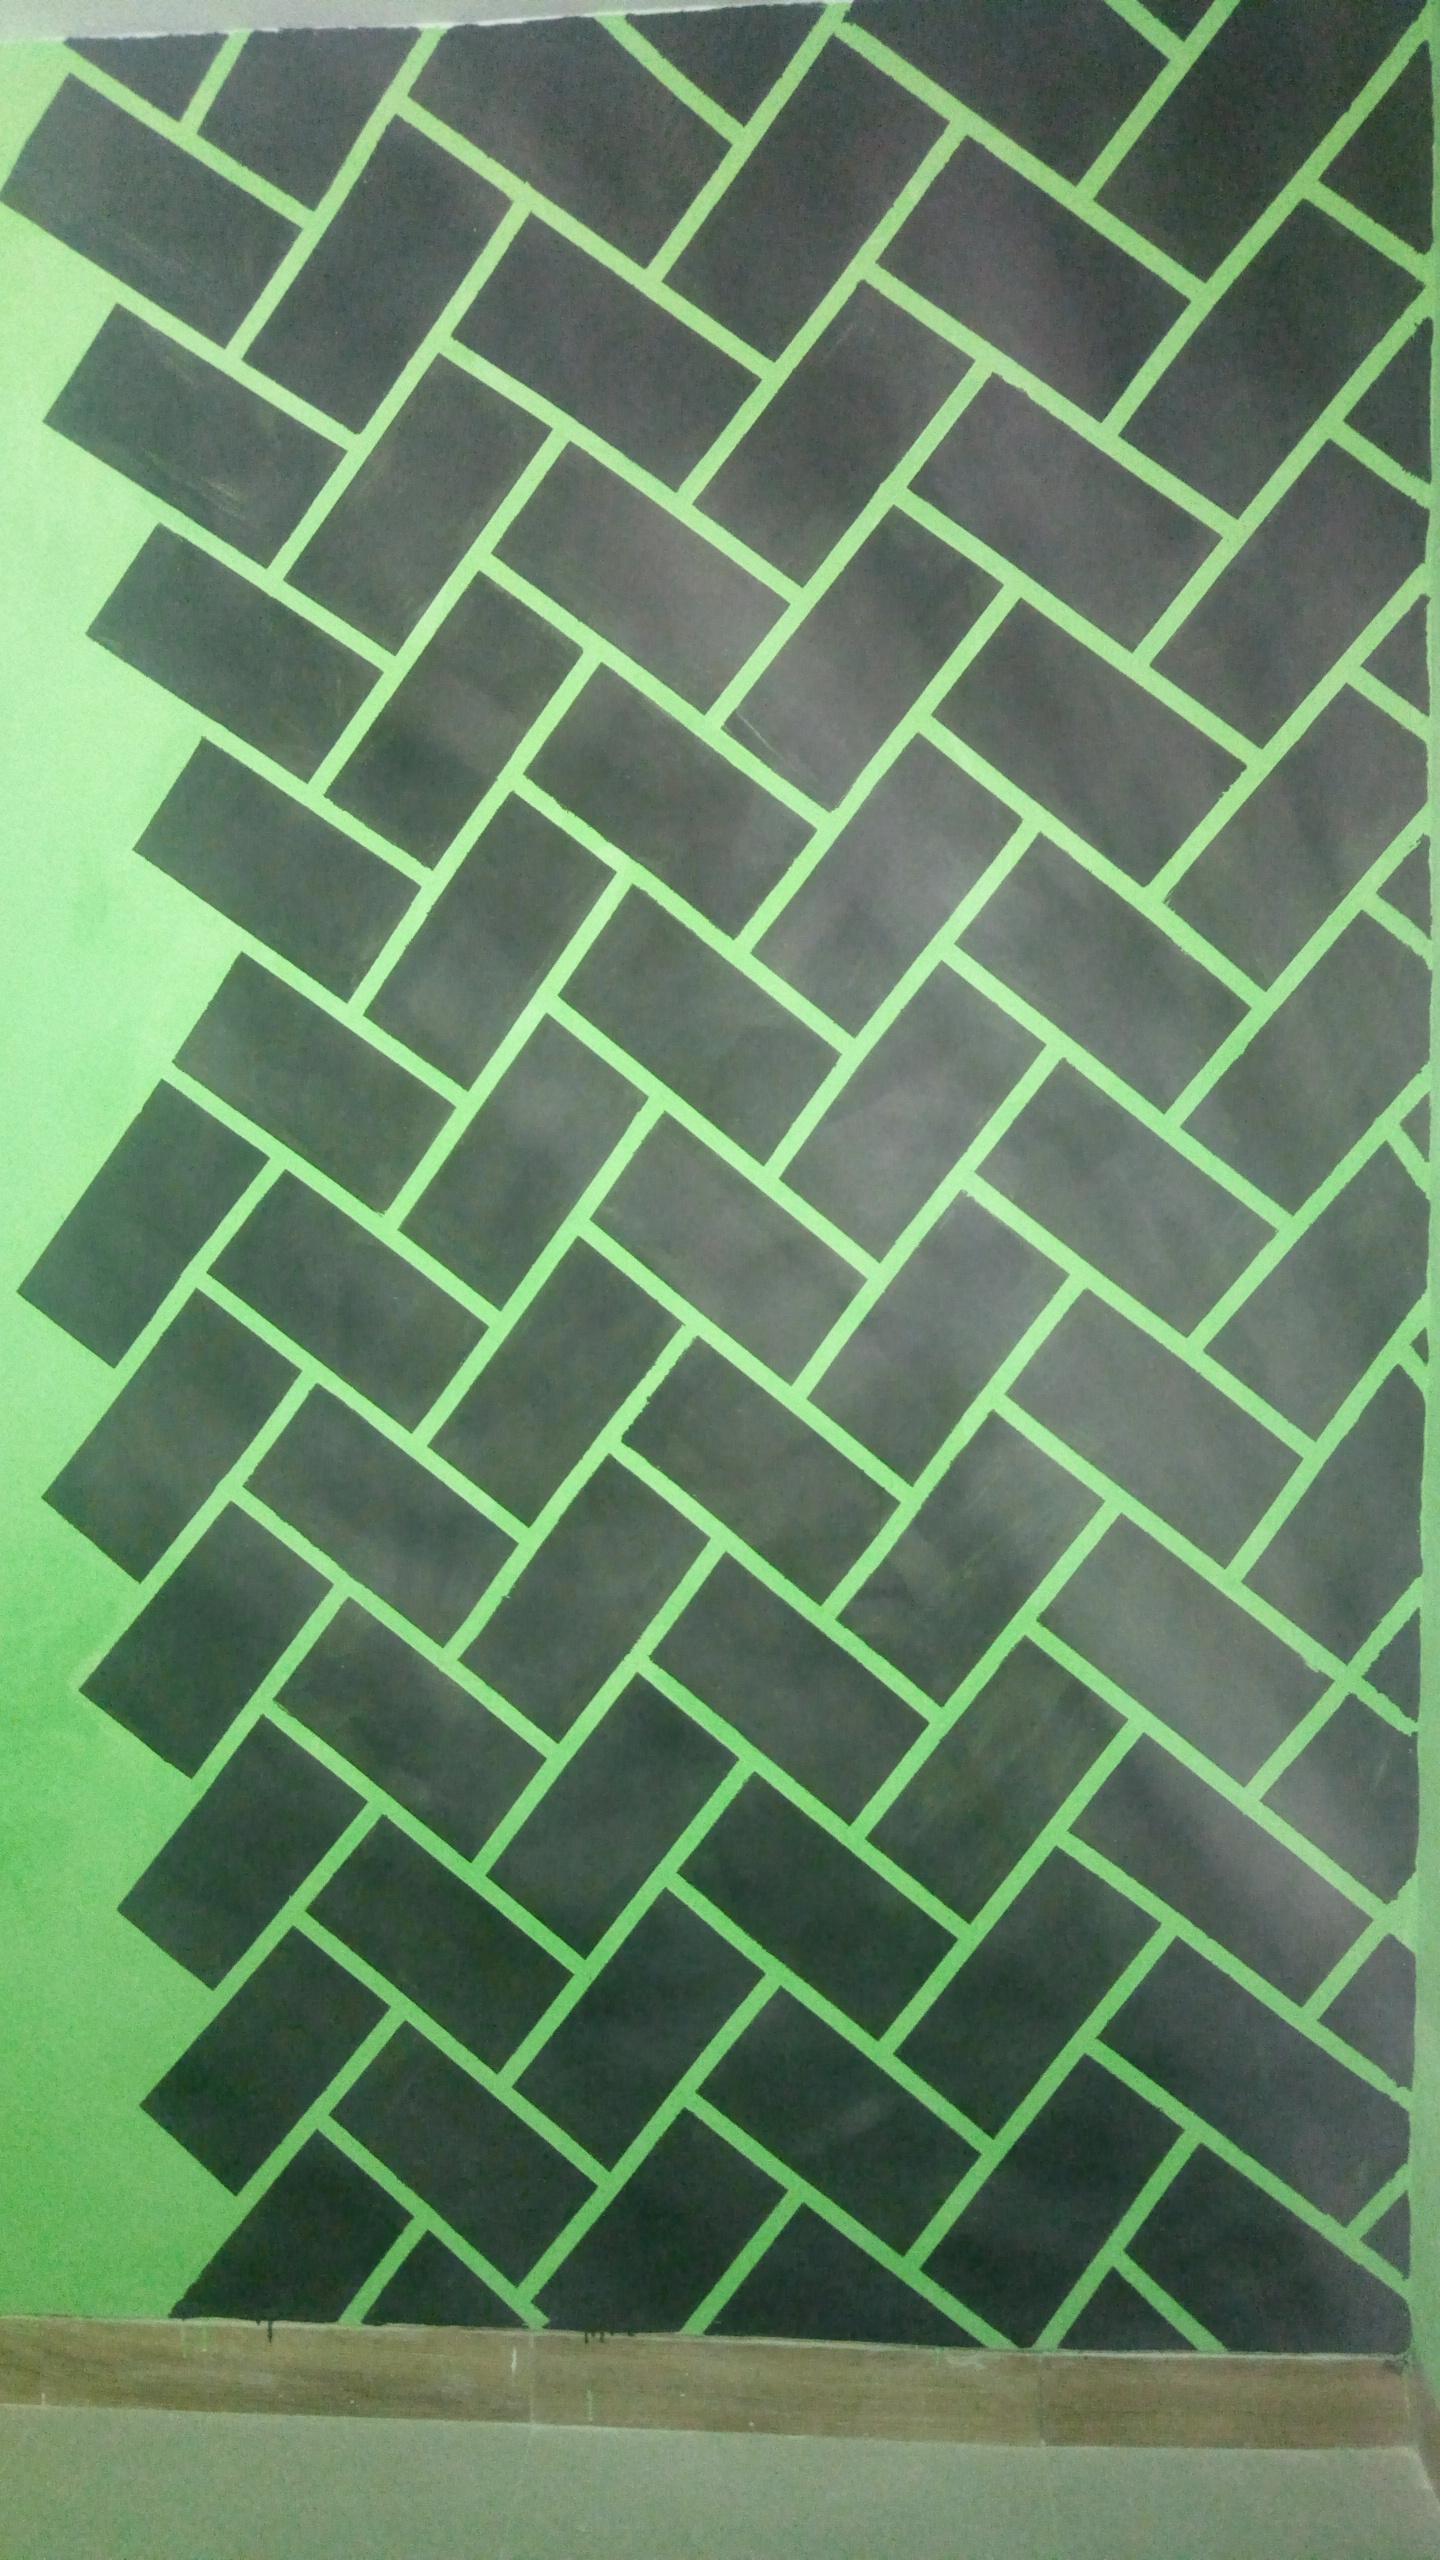 gambar cat tembok bentuk motif batu bata kaskus desain dinding